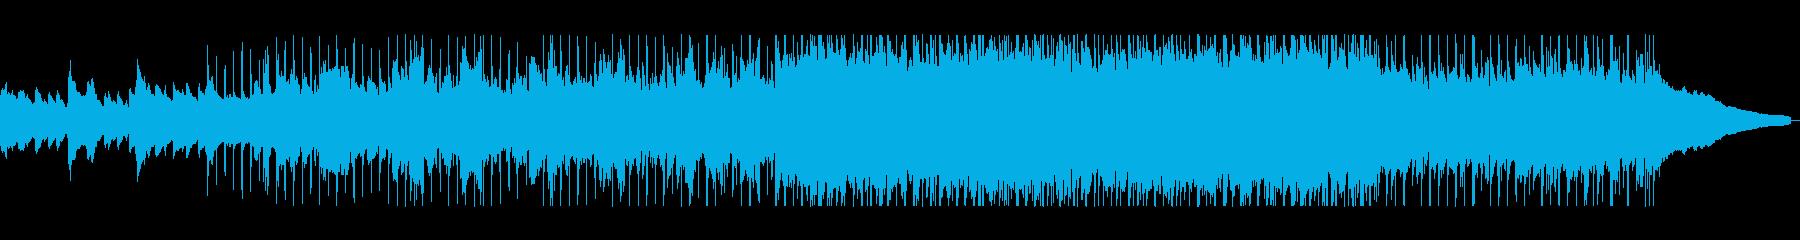 ピアノからギター演奏に変る美しいサウンドの再生済みの波形